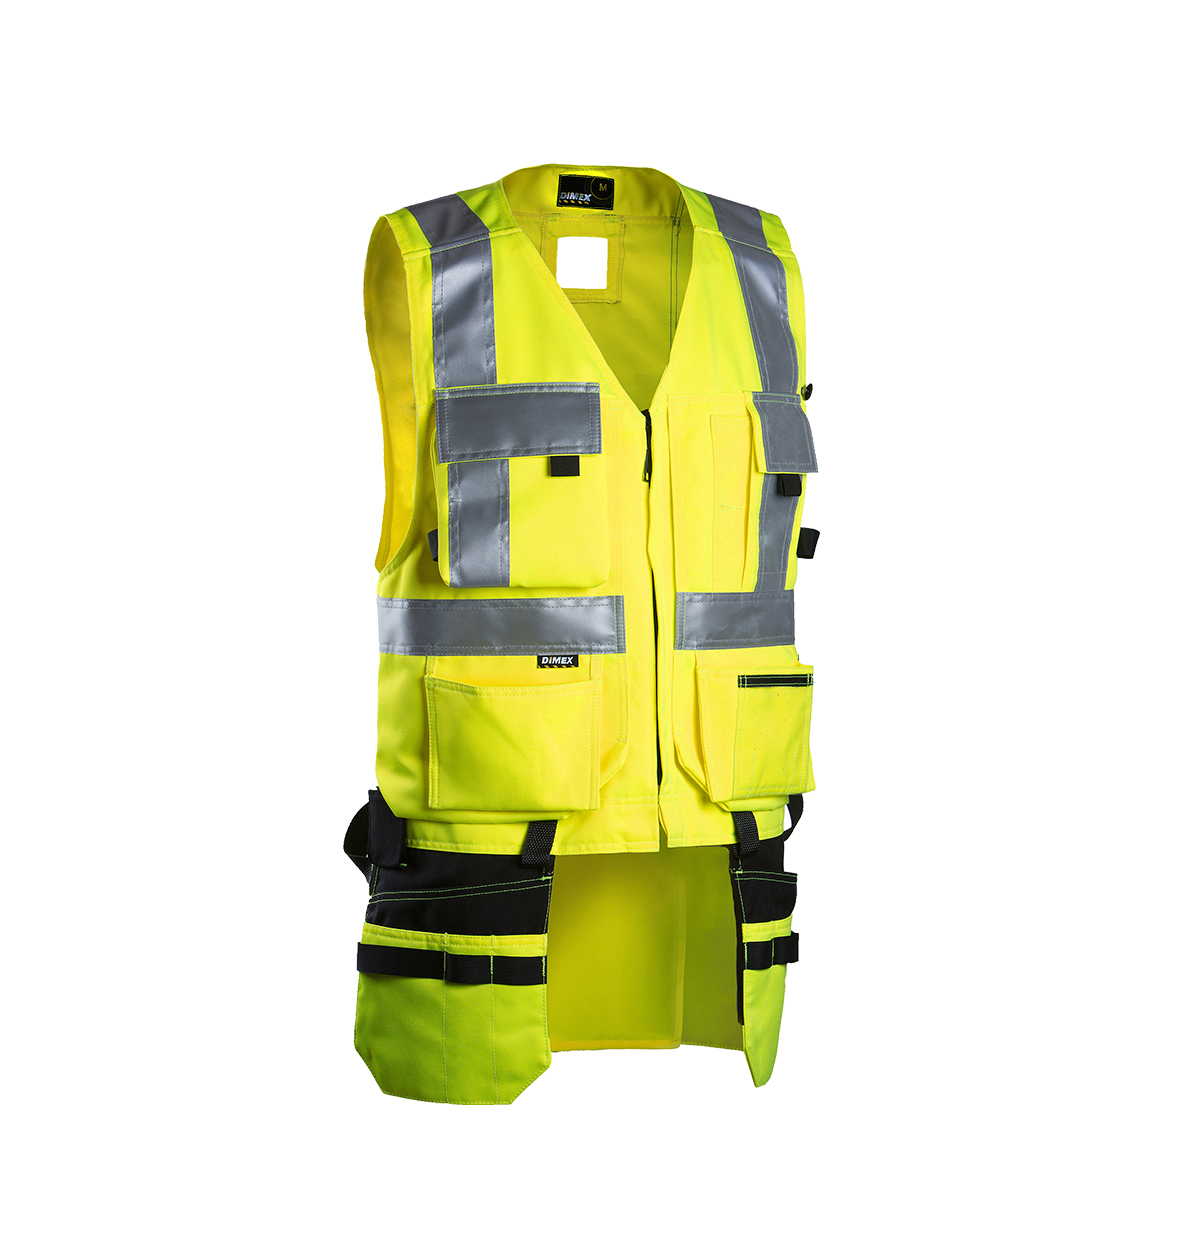 Tool vest 6320